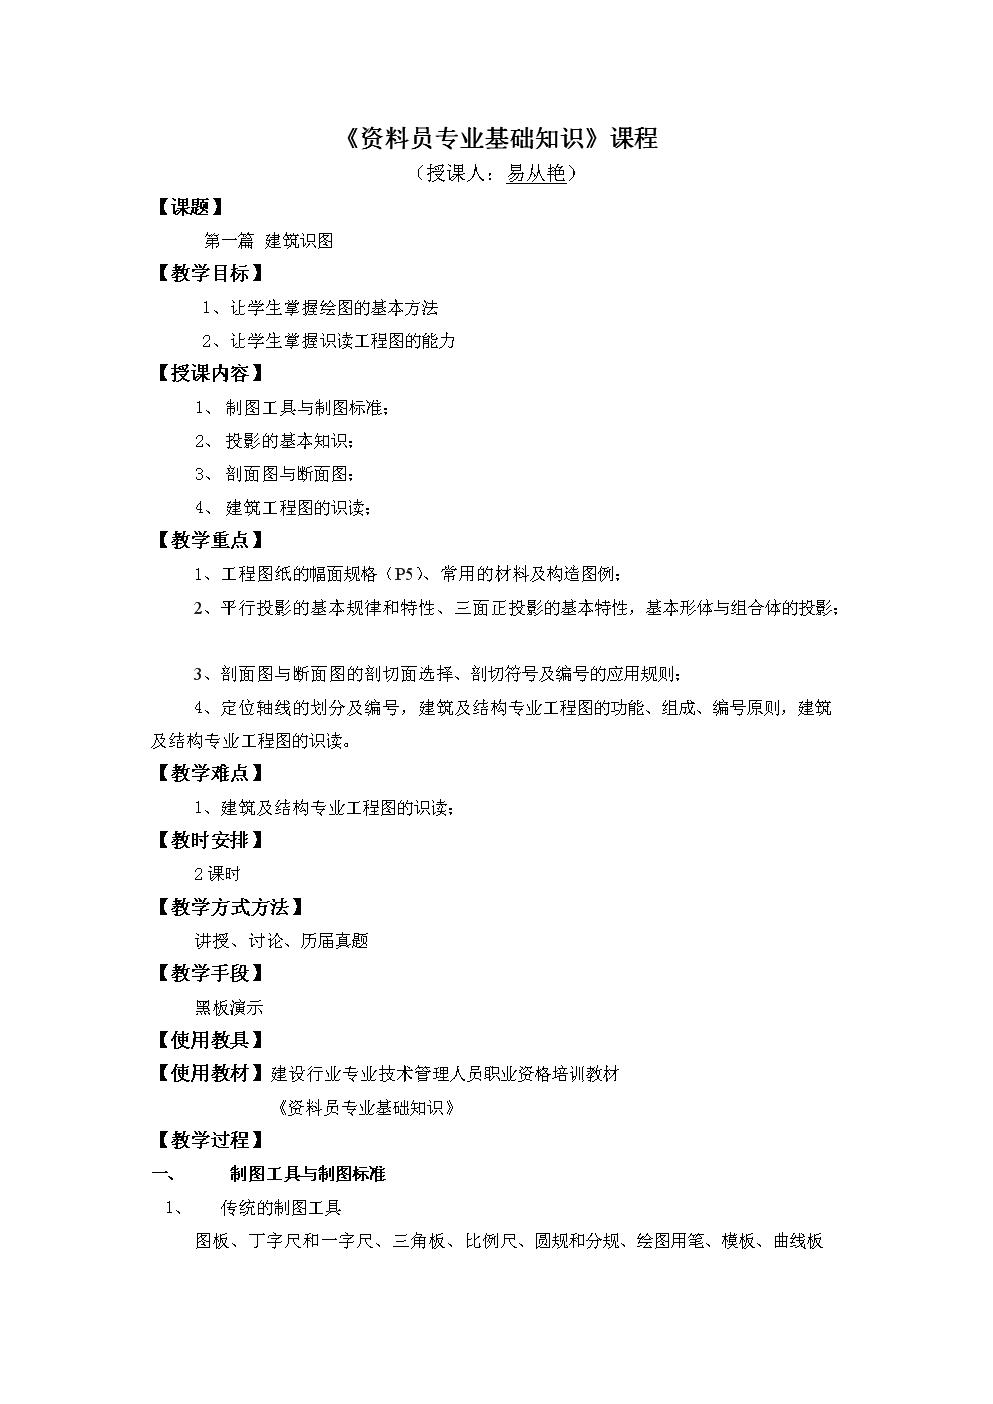 资料员培训教案.doc关于施工甘肃省图纸变更图片